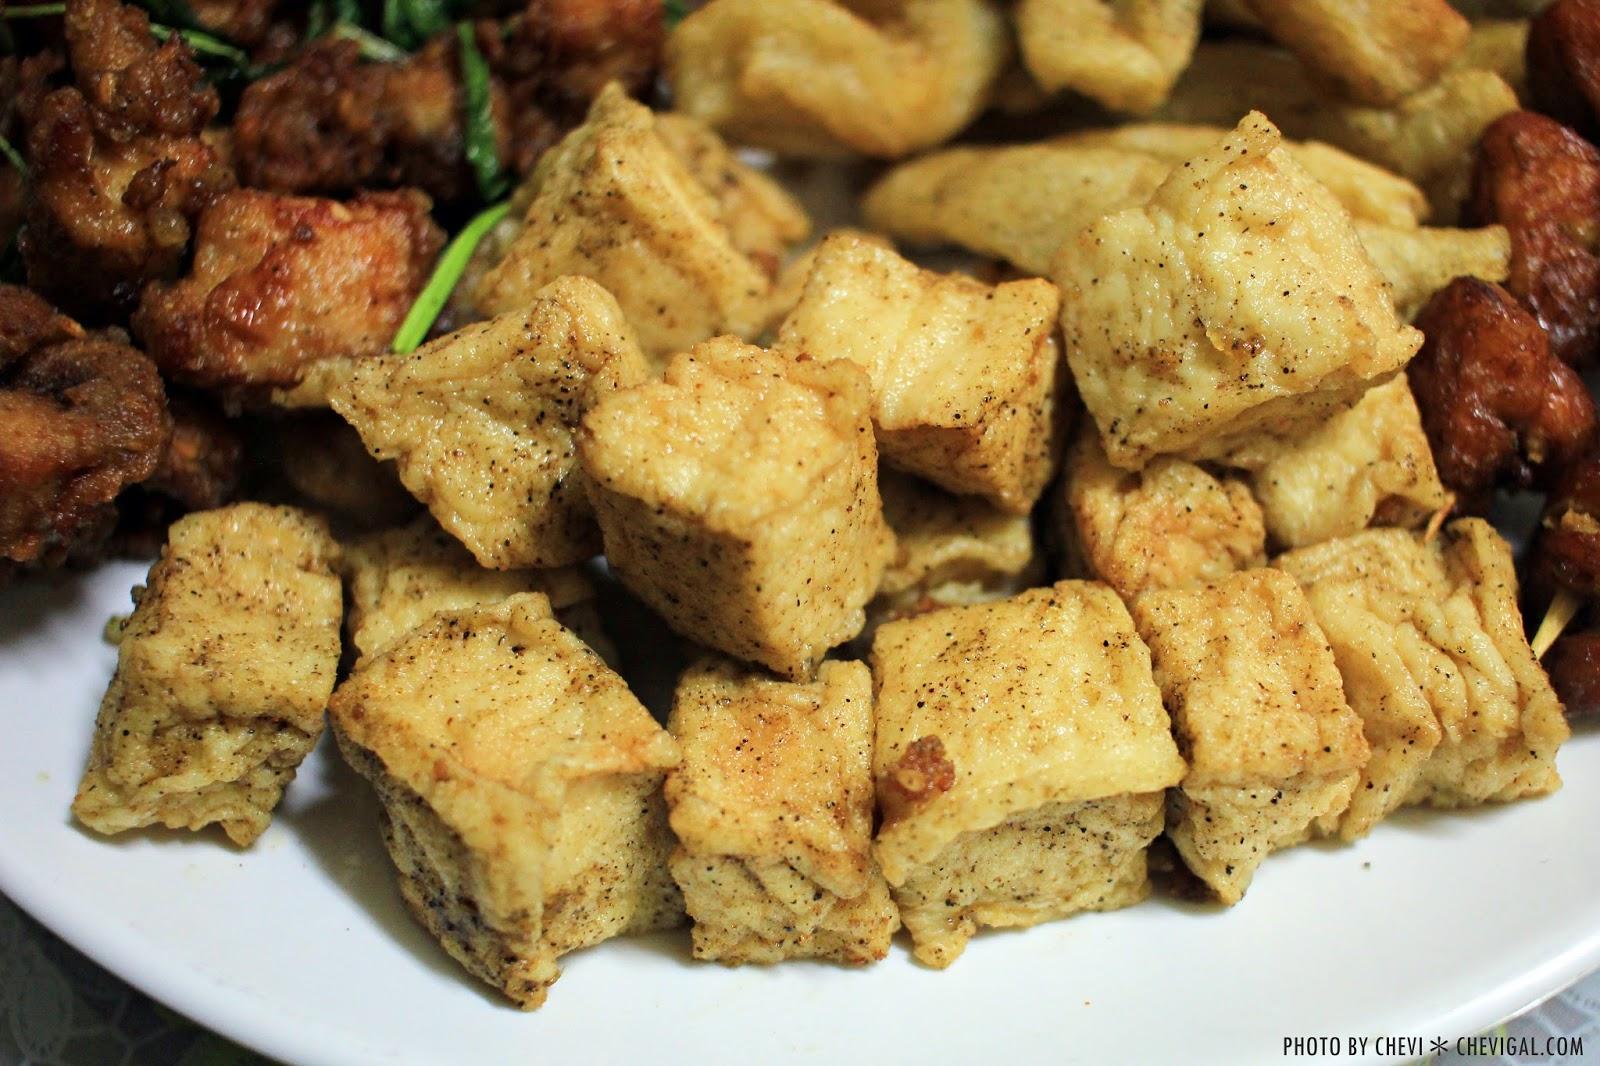 IMG 0061 - 台中烏日│香香鹽酥雞。飄香二十年的好滋味。一週只開四天別撲空囉